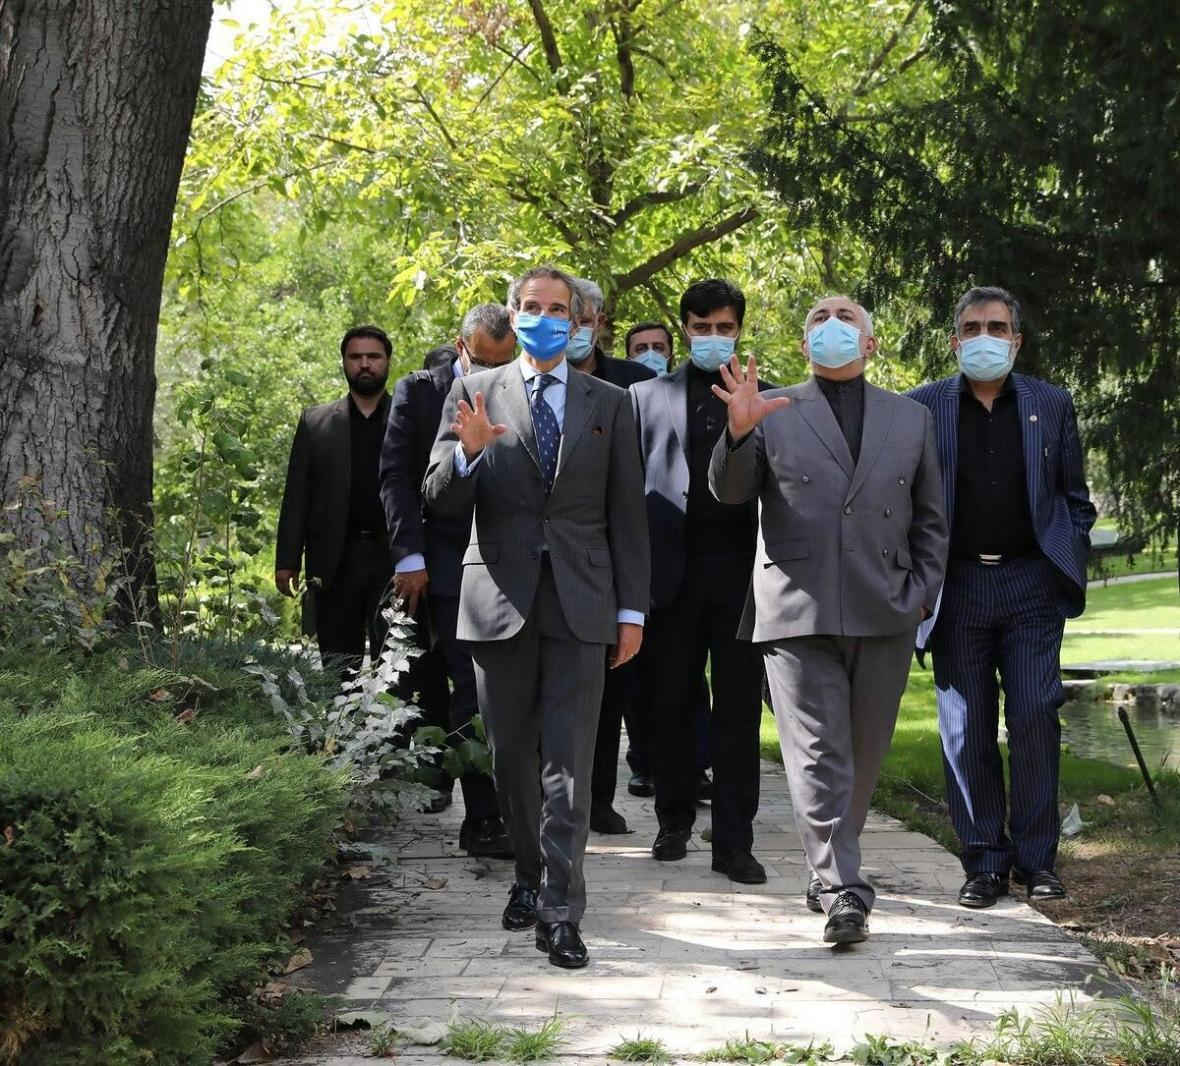 خبرنگاران ظریف: خواهان روابط عادی با آژانس انرژی اتمی هستیم